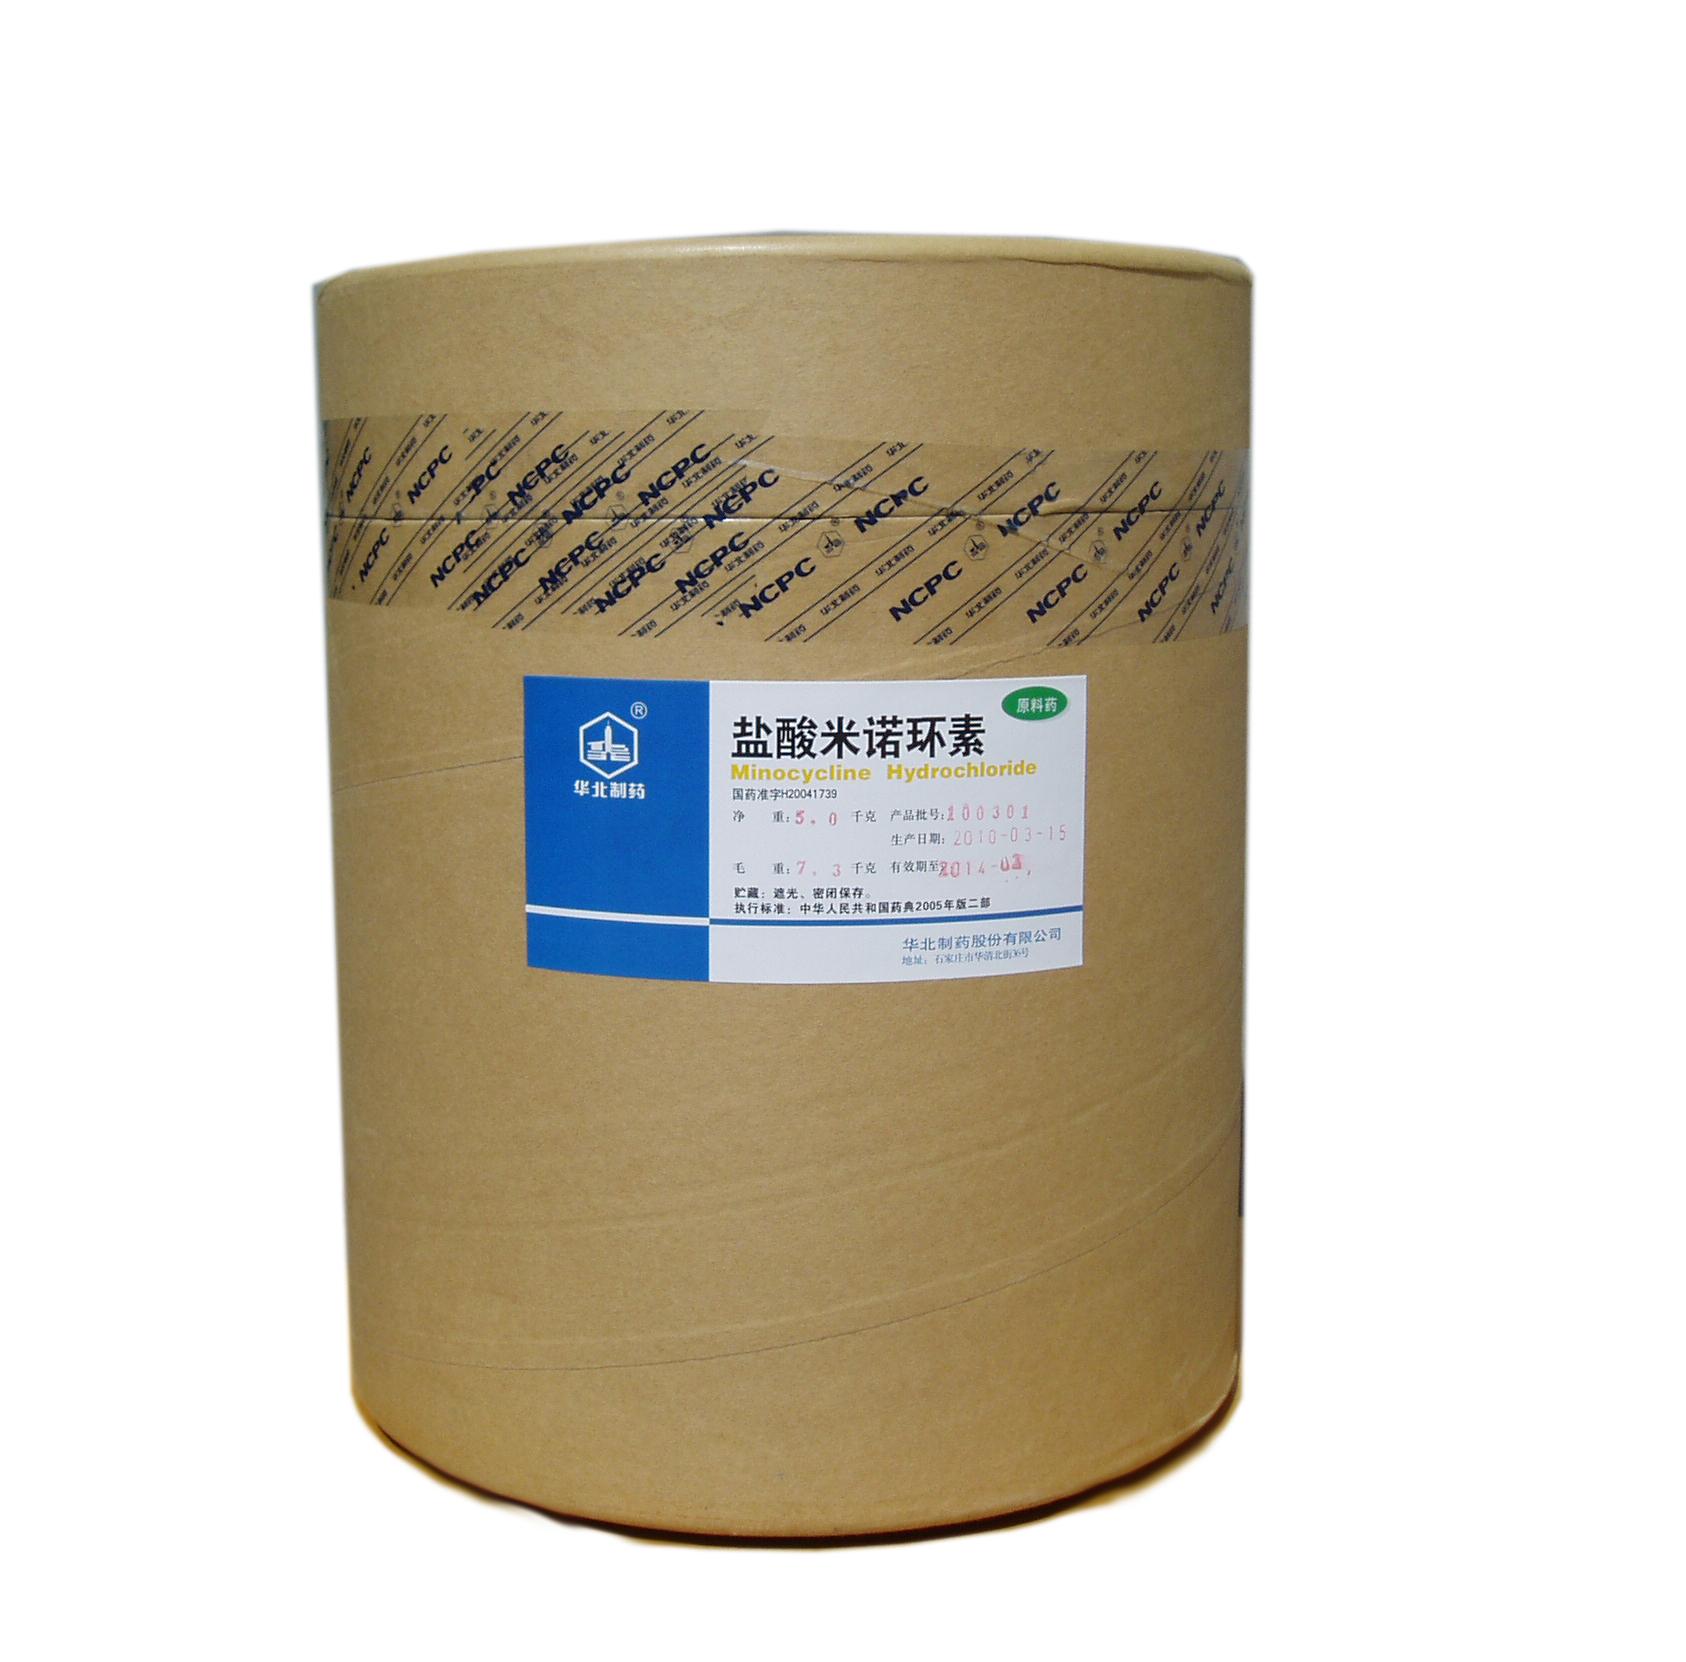 盐酸米诺环素